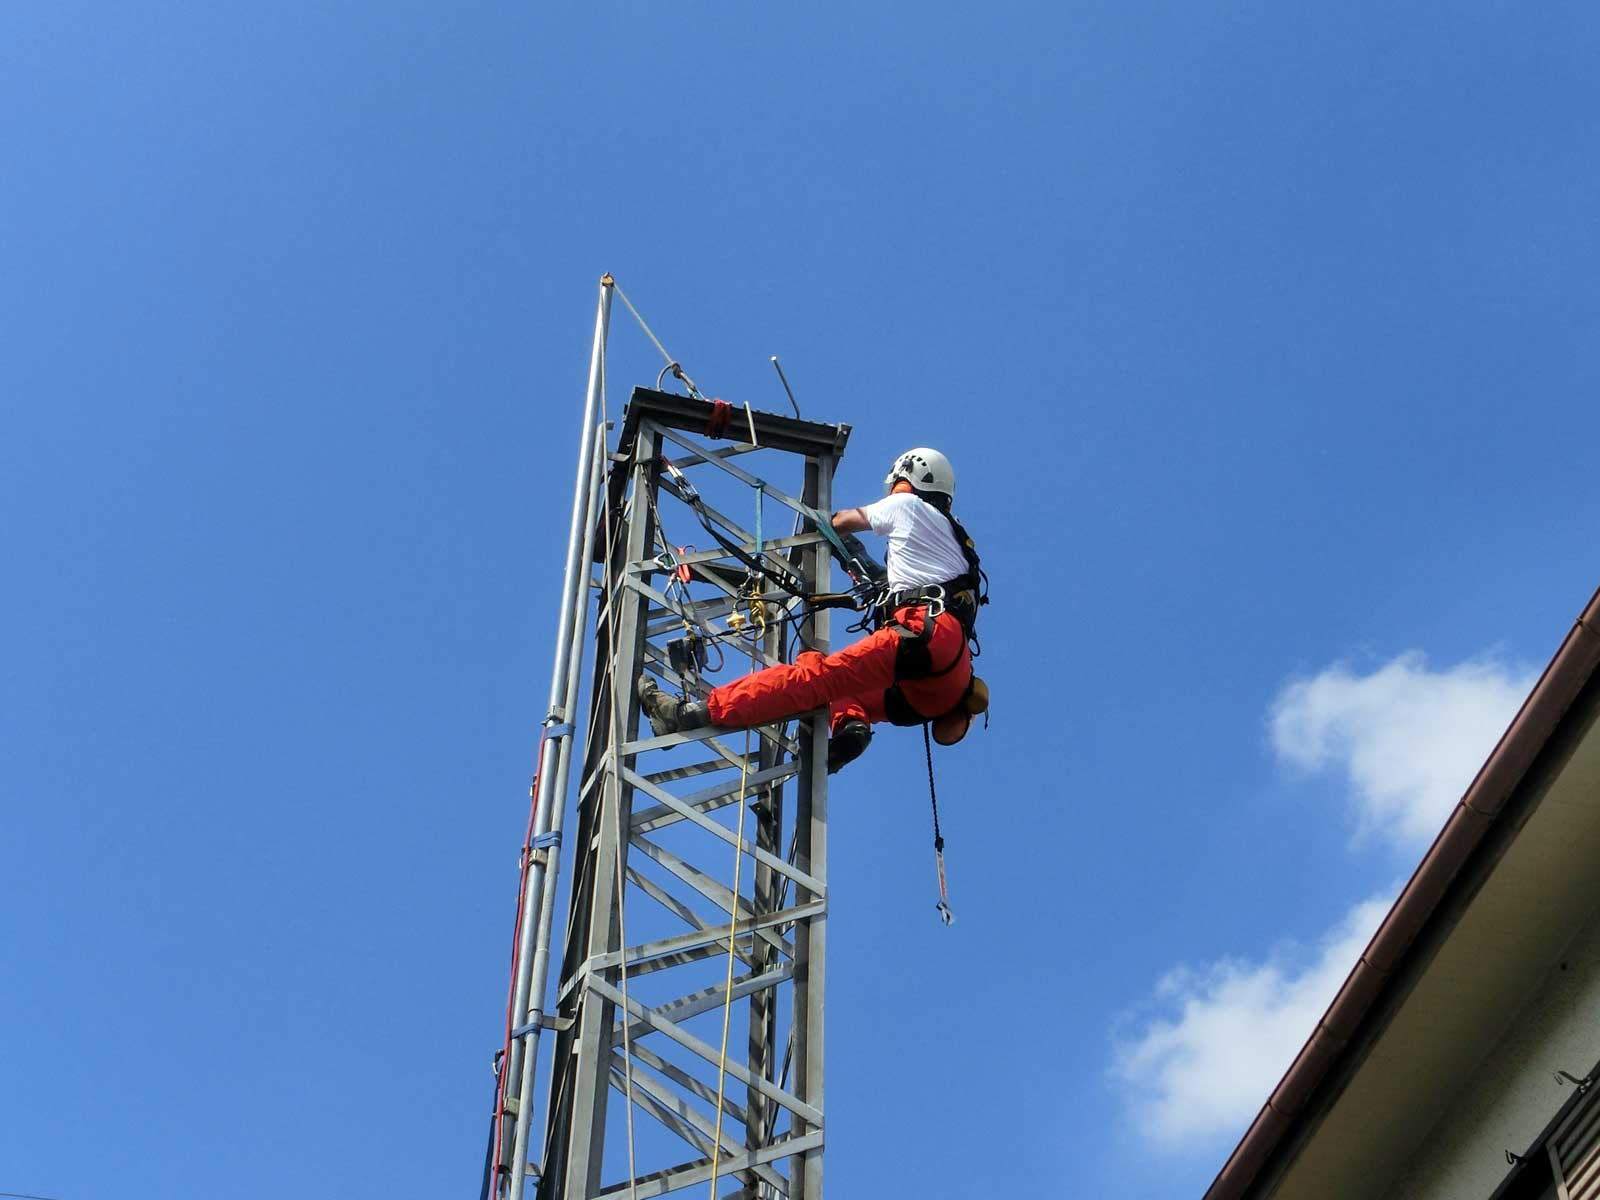 大阪府堺市のクランクアップタワー解体・撤去工事